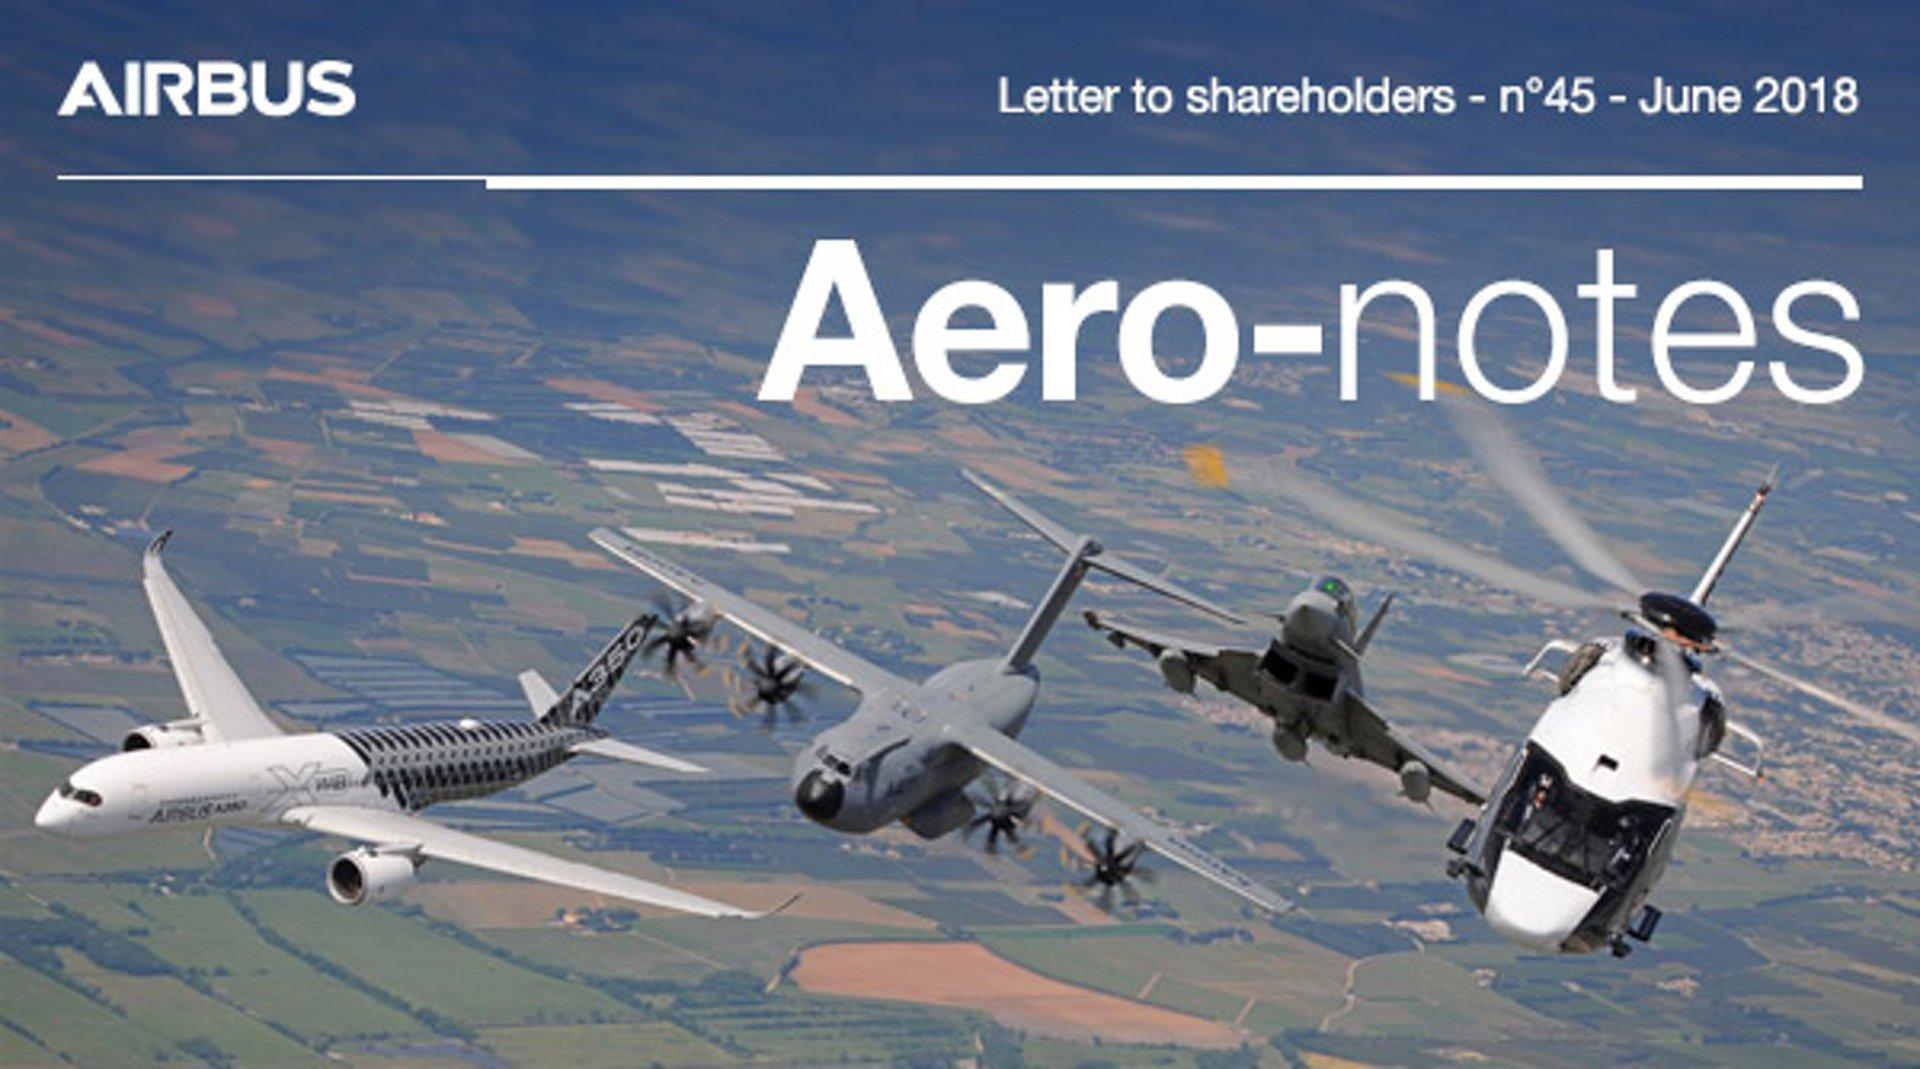 Aero-notes n°45